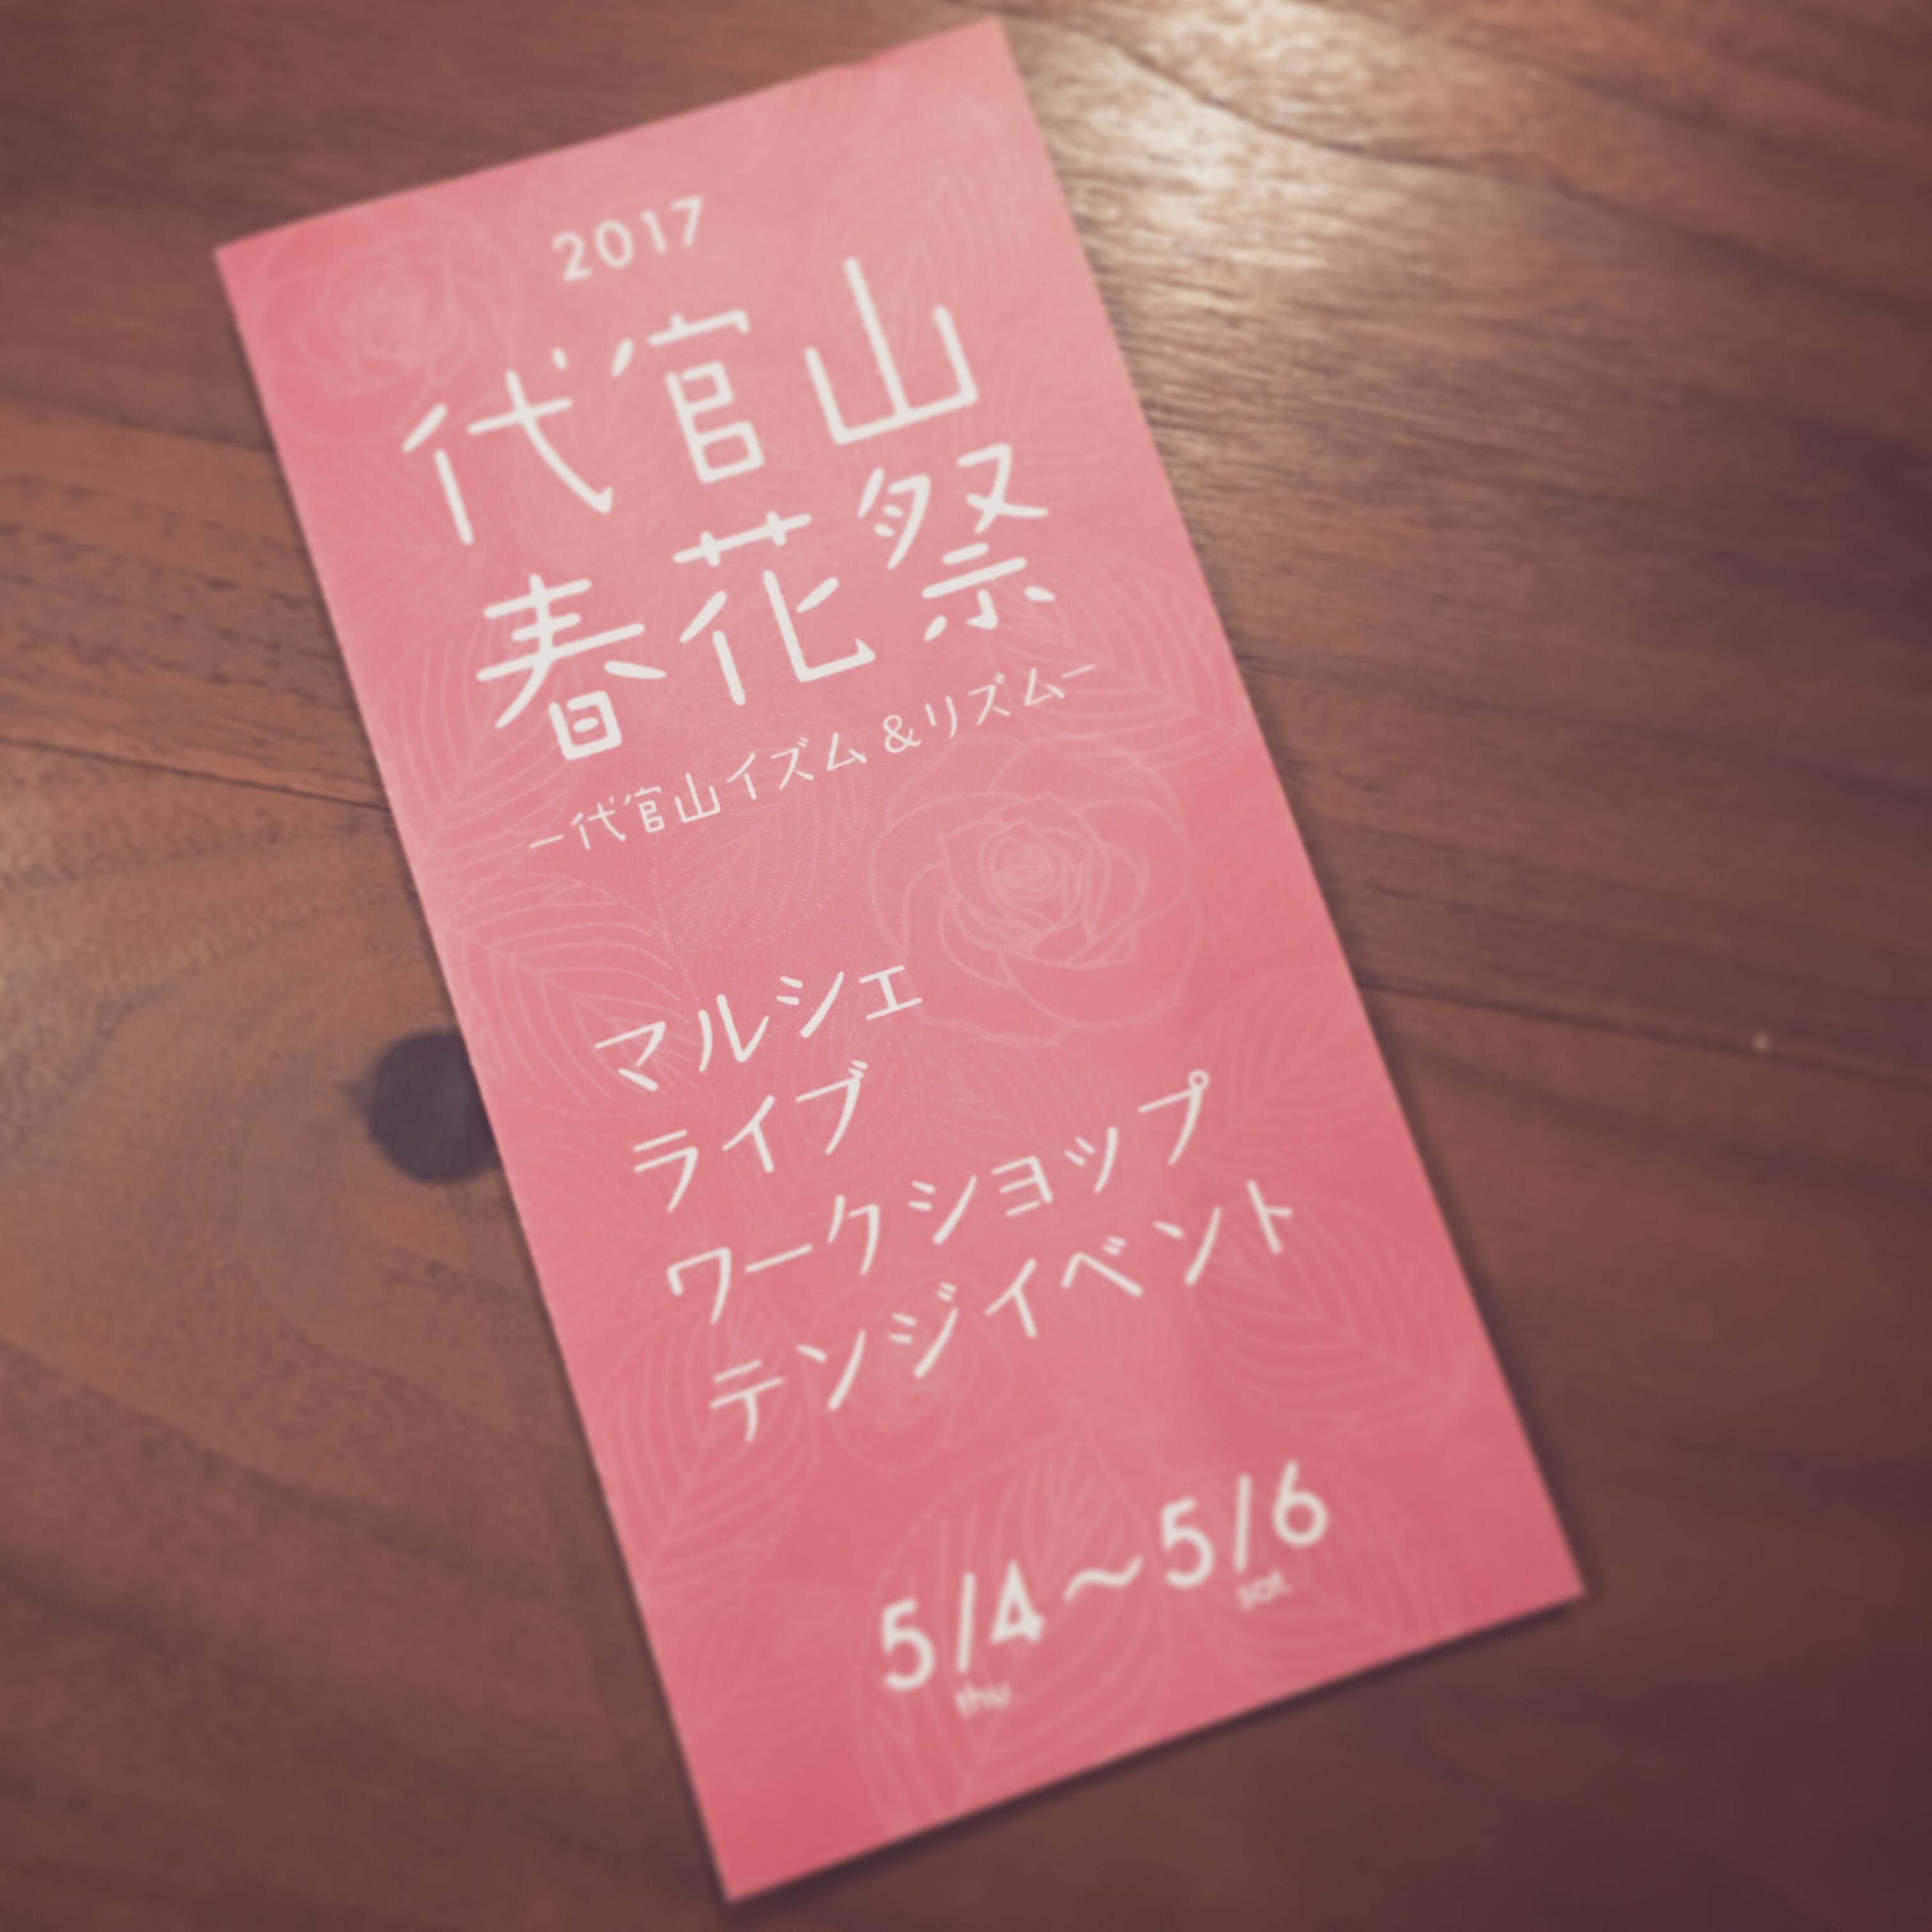 代官山春花祭 2017